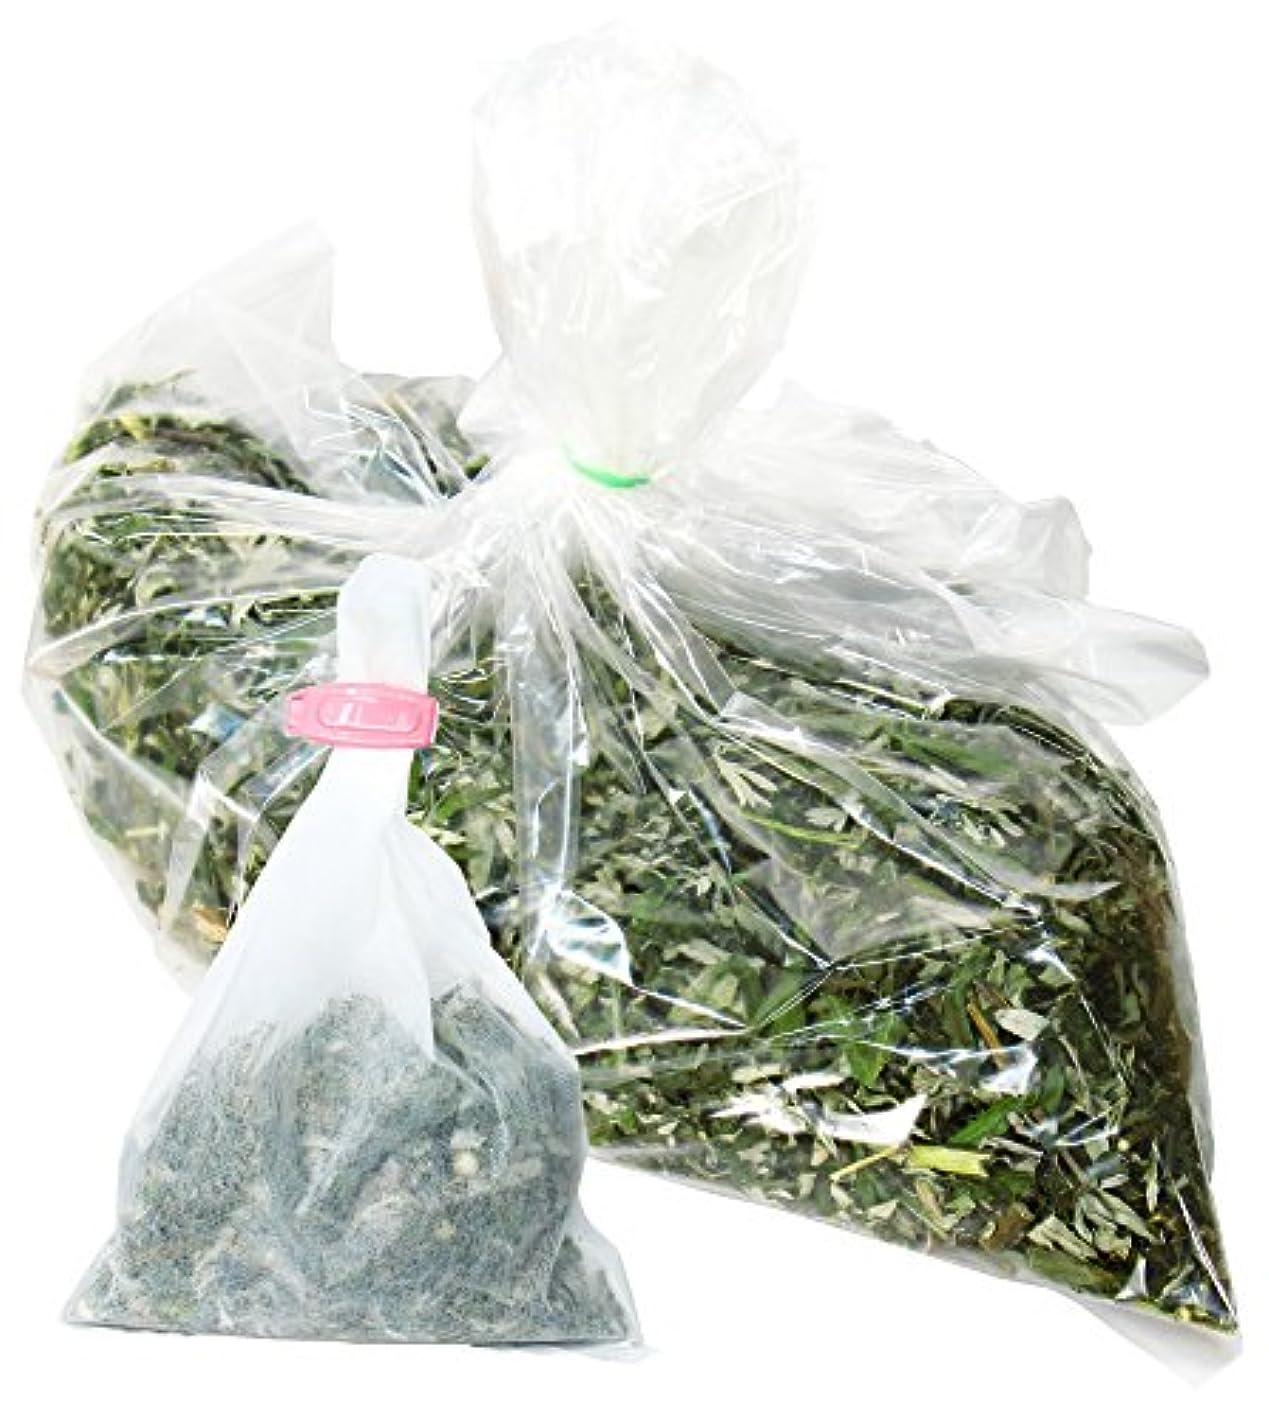 動作精査驚自然健康社 よもぎ蒸しのよもぎ 250g 乾燥刻み 煮出し袋10枚付